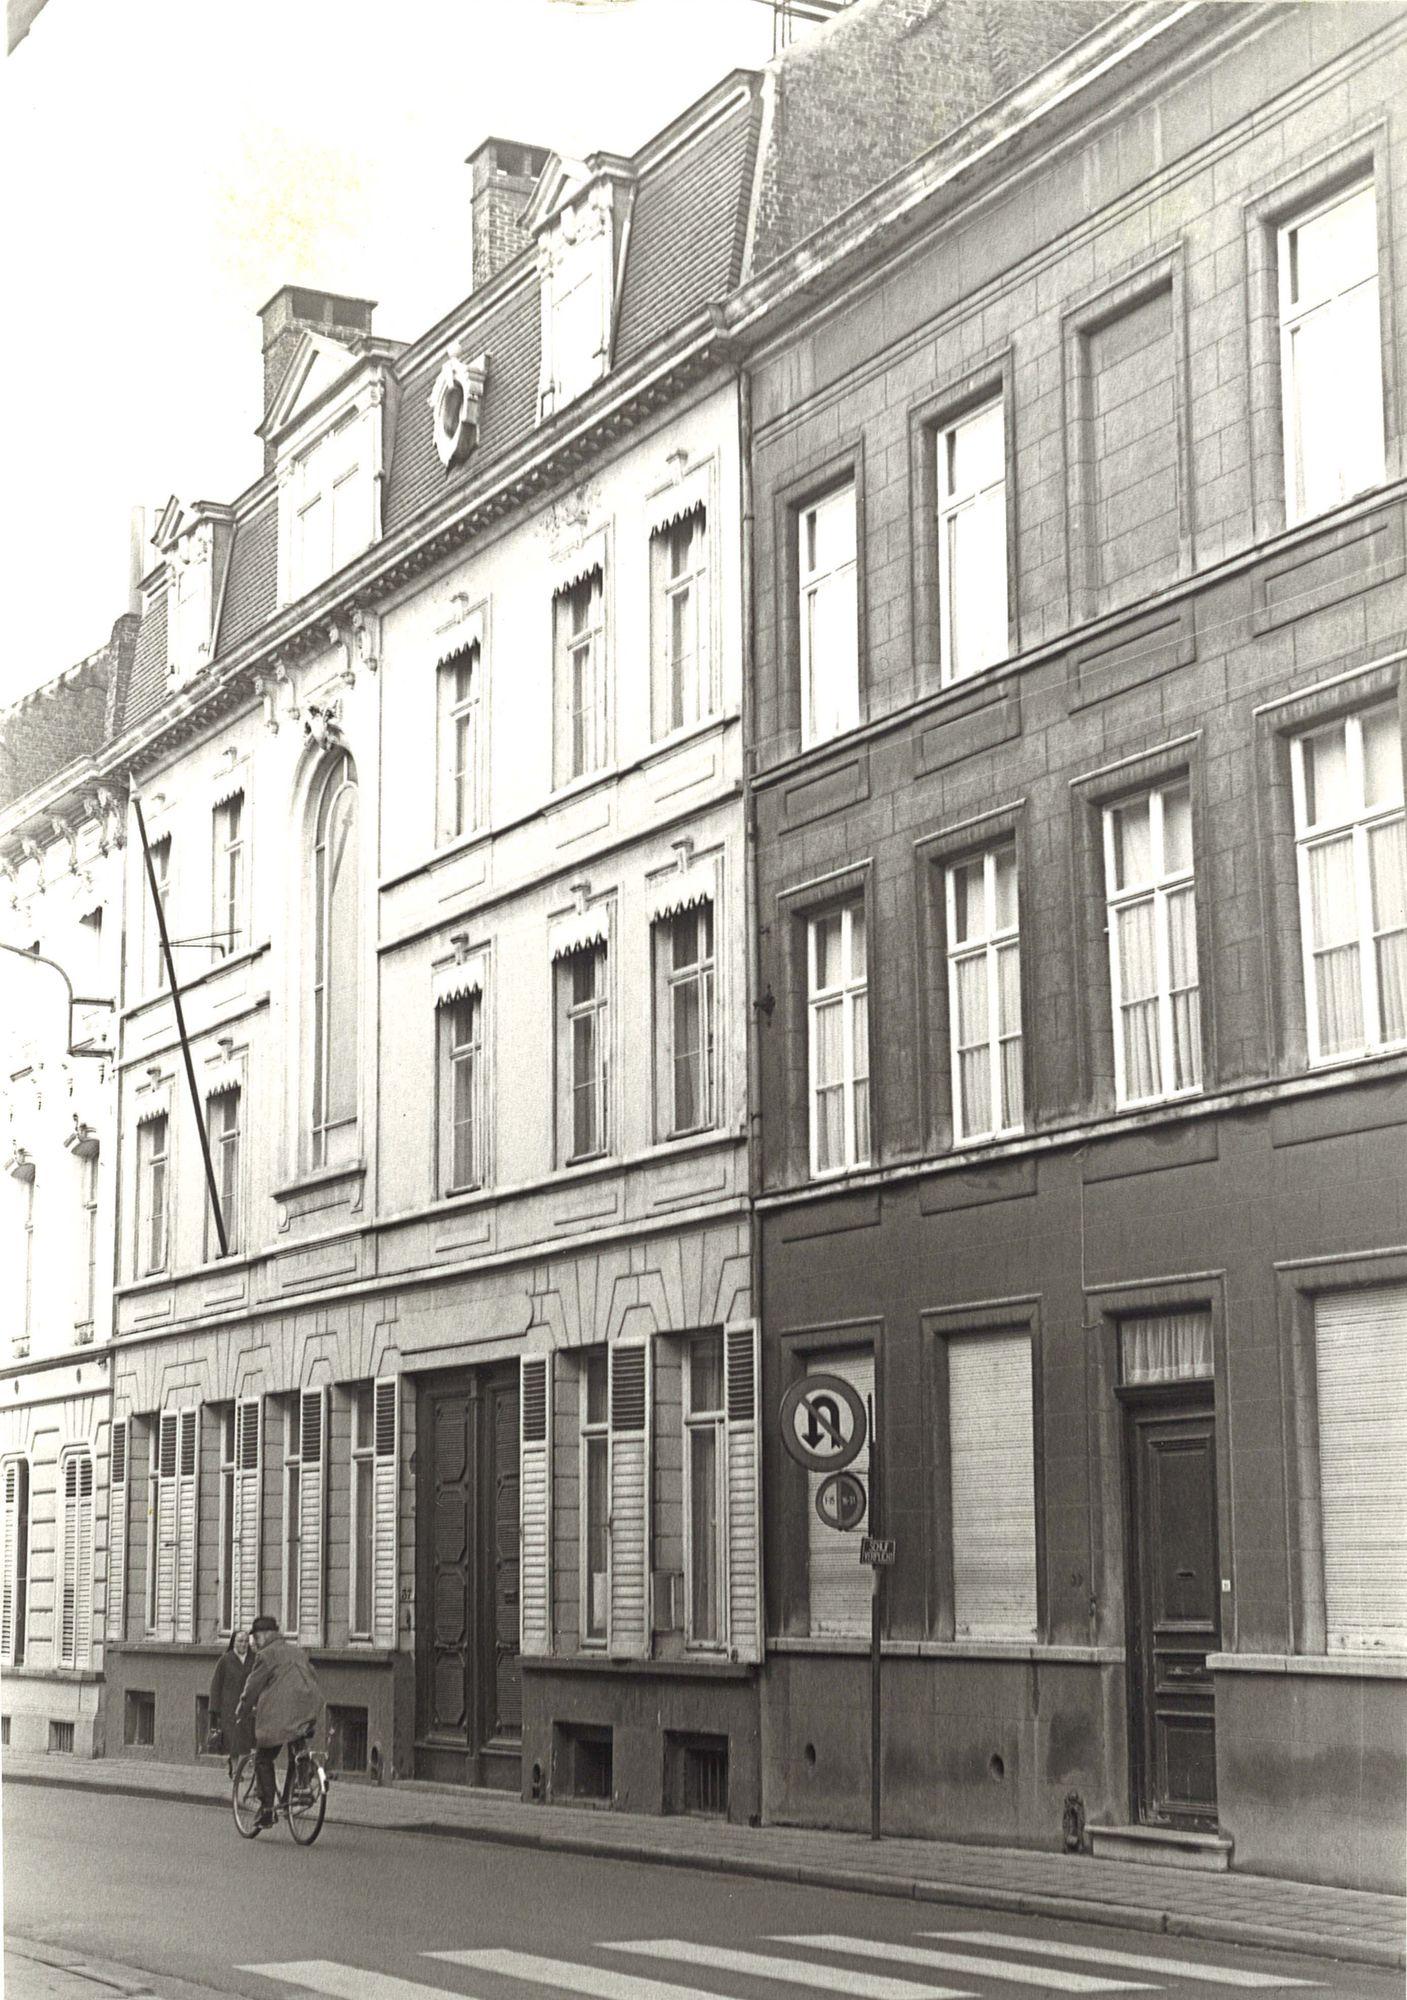 Groeningestraat 37